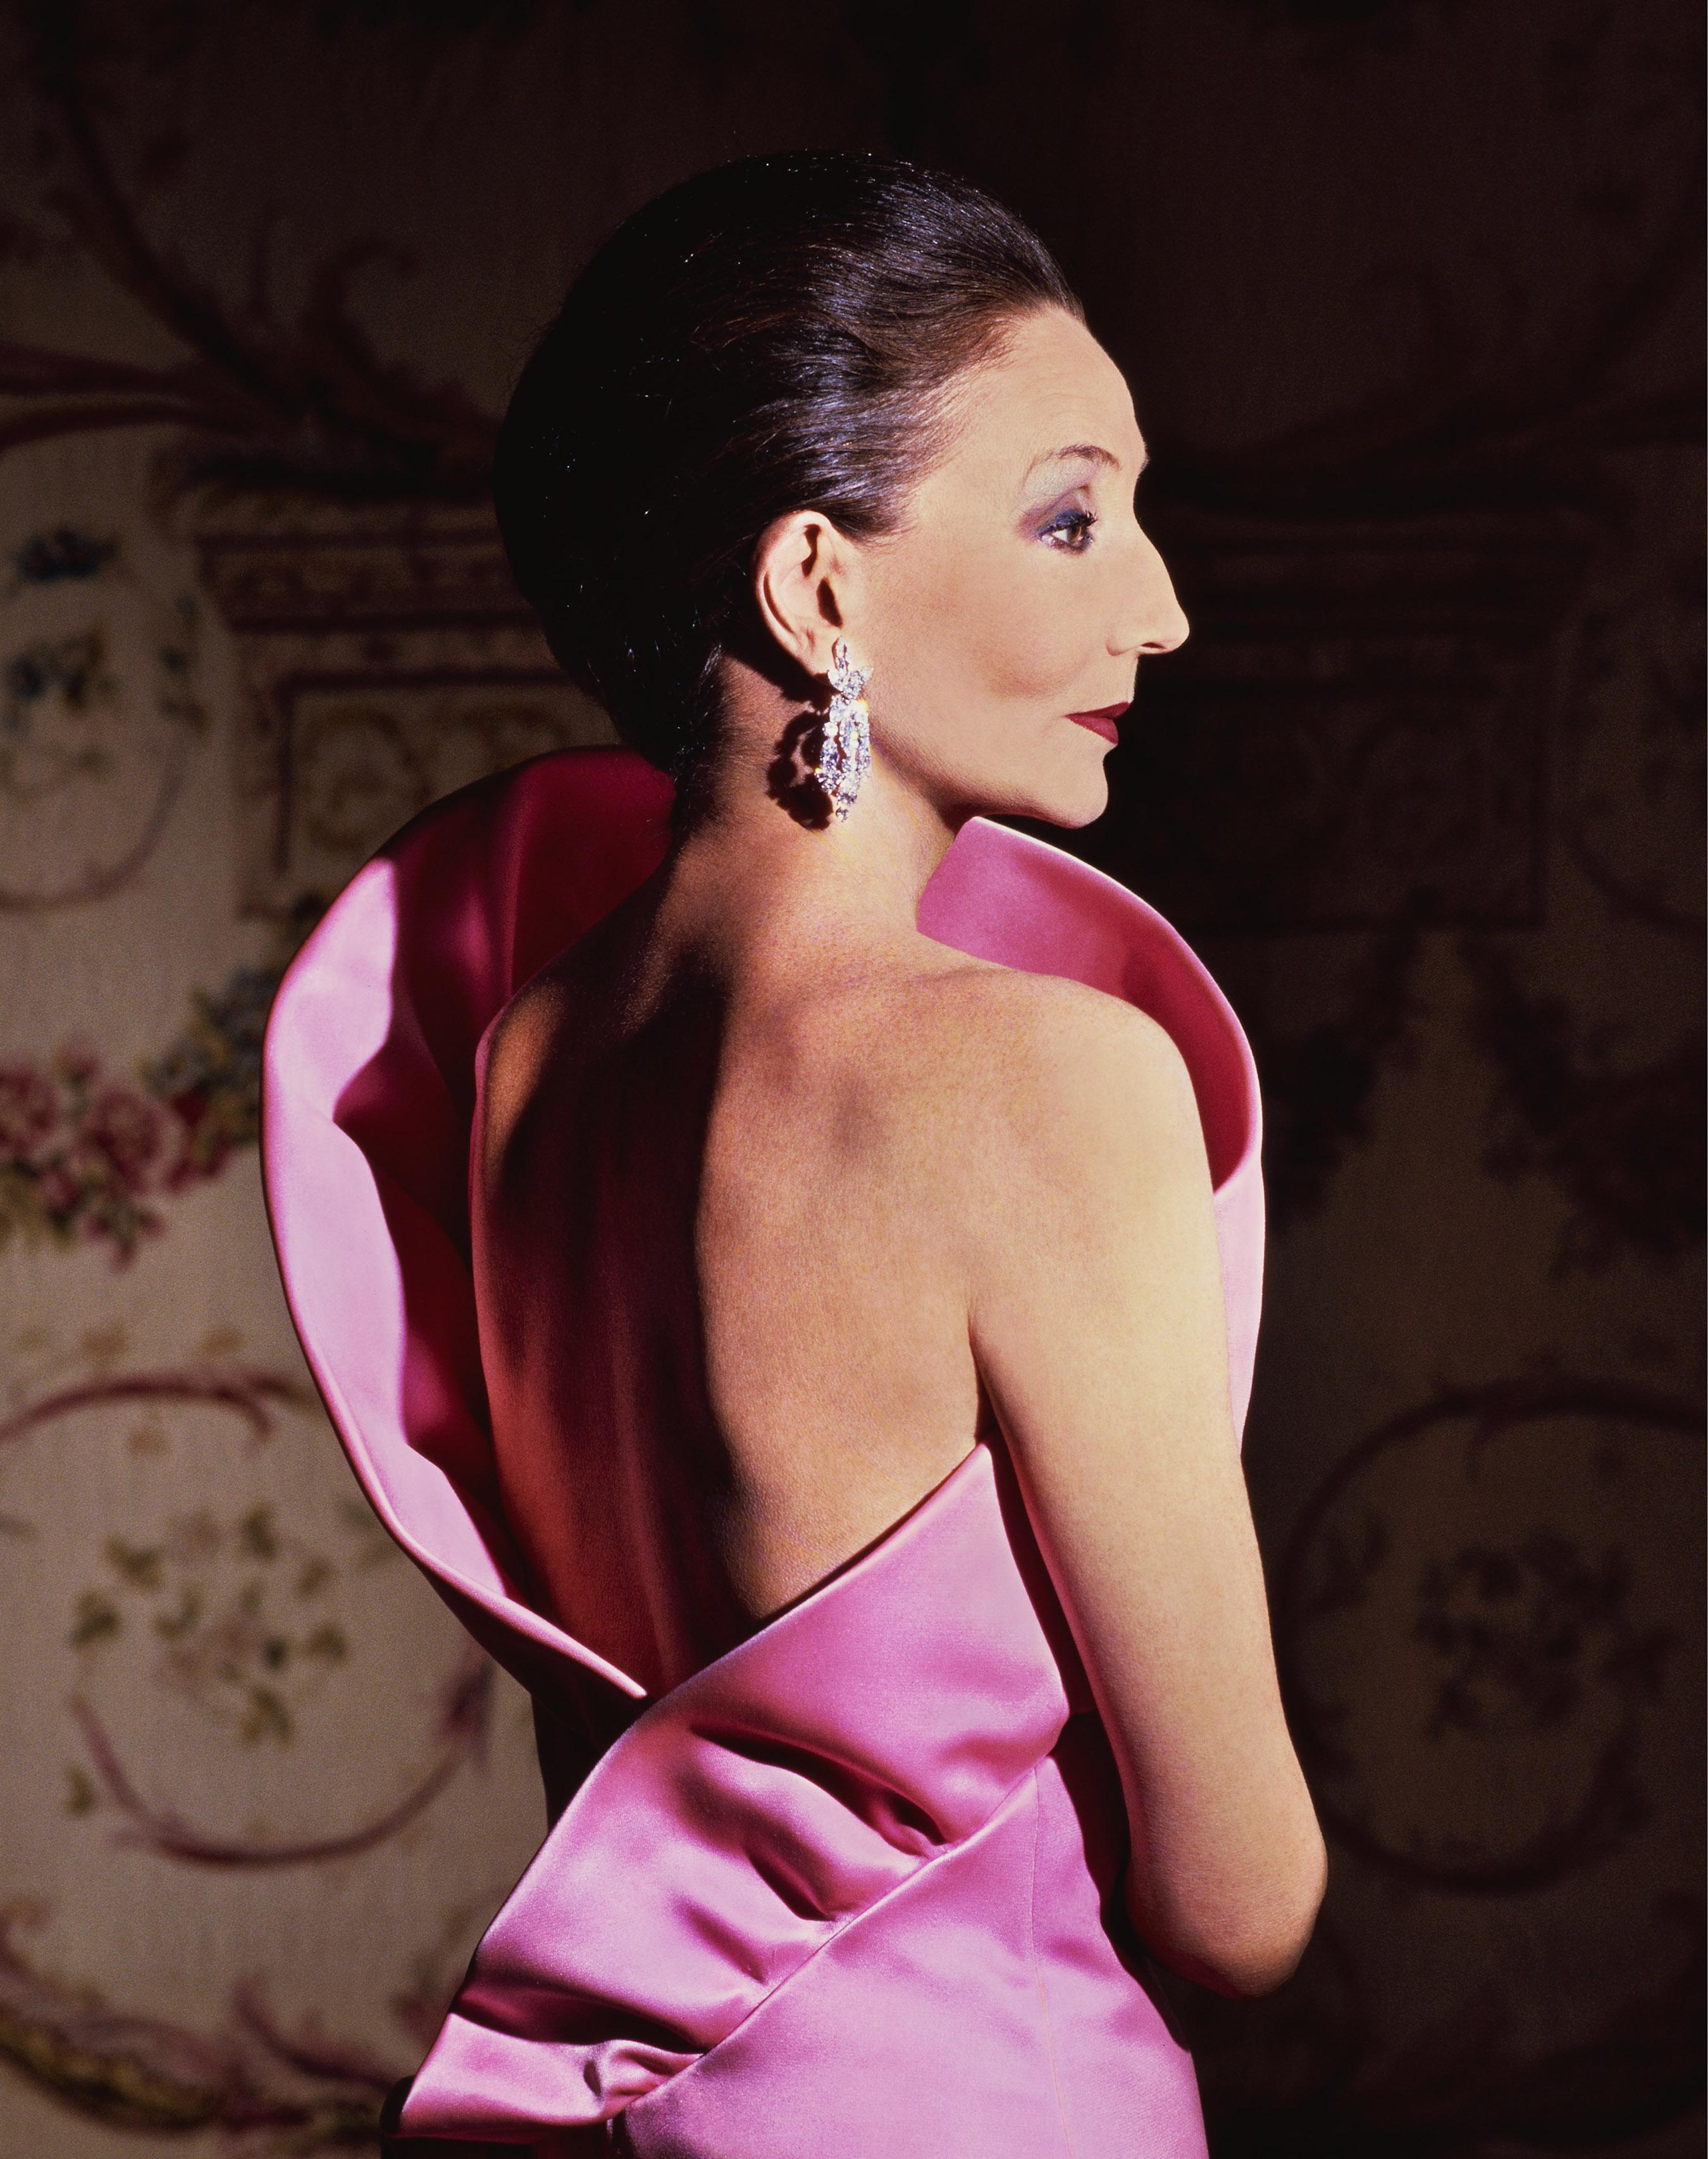 Jacqueline de young fashion 13